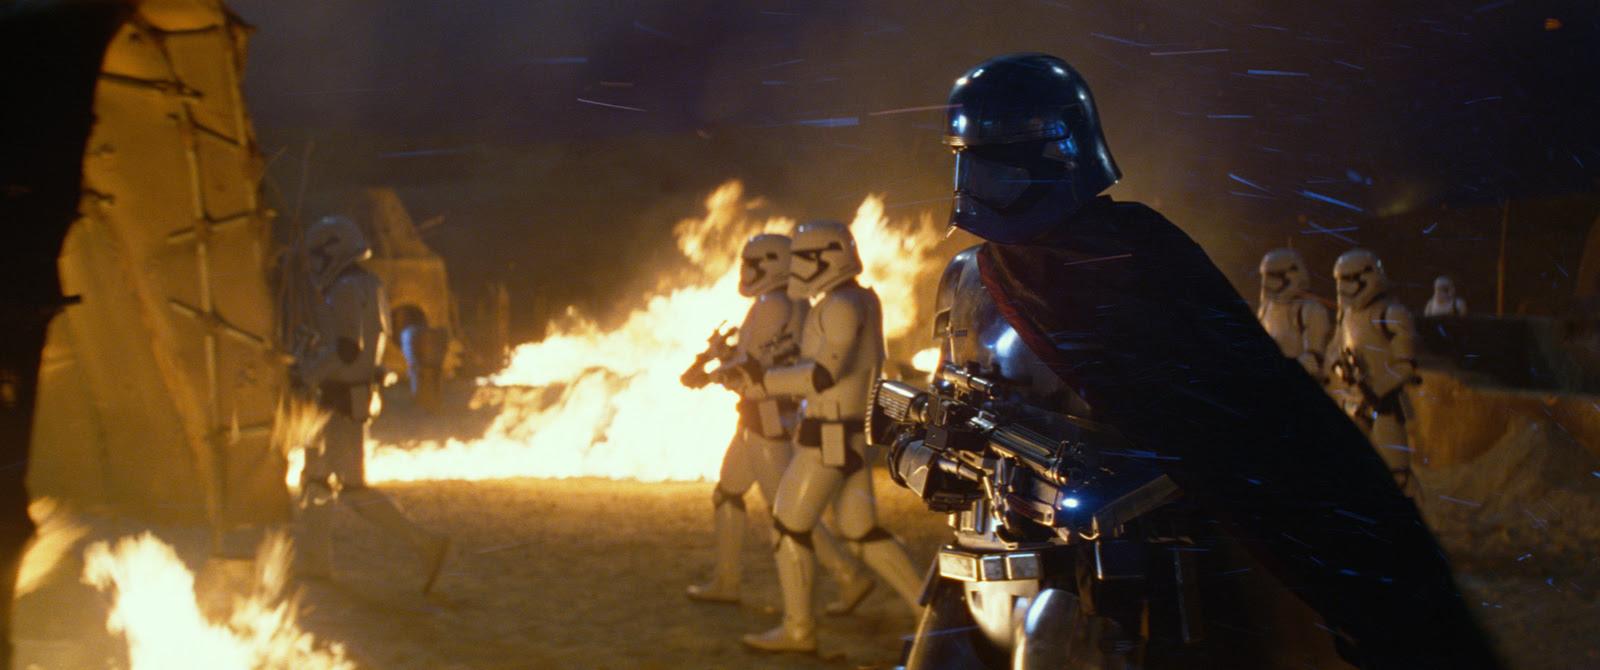 Star Wars - Le Réveil de la Force : Photo Gwendoline Christie